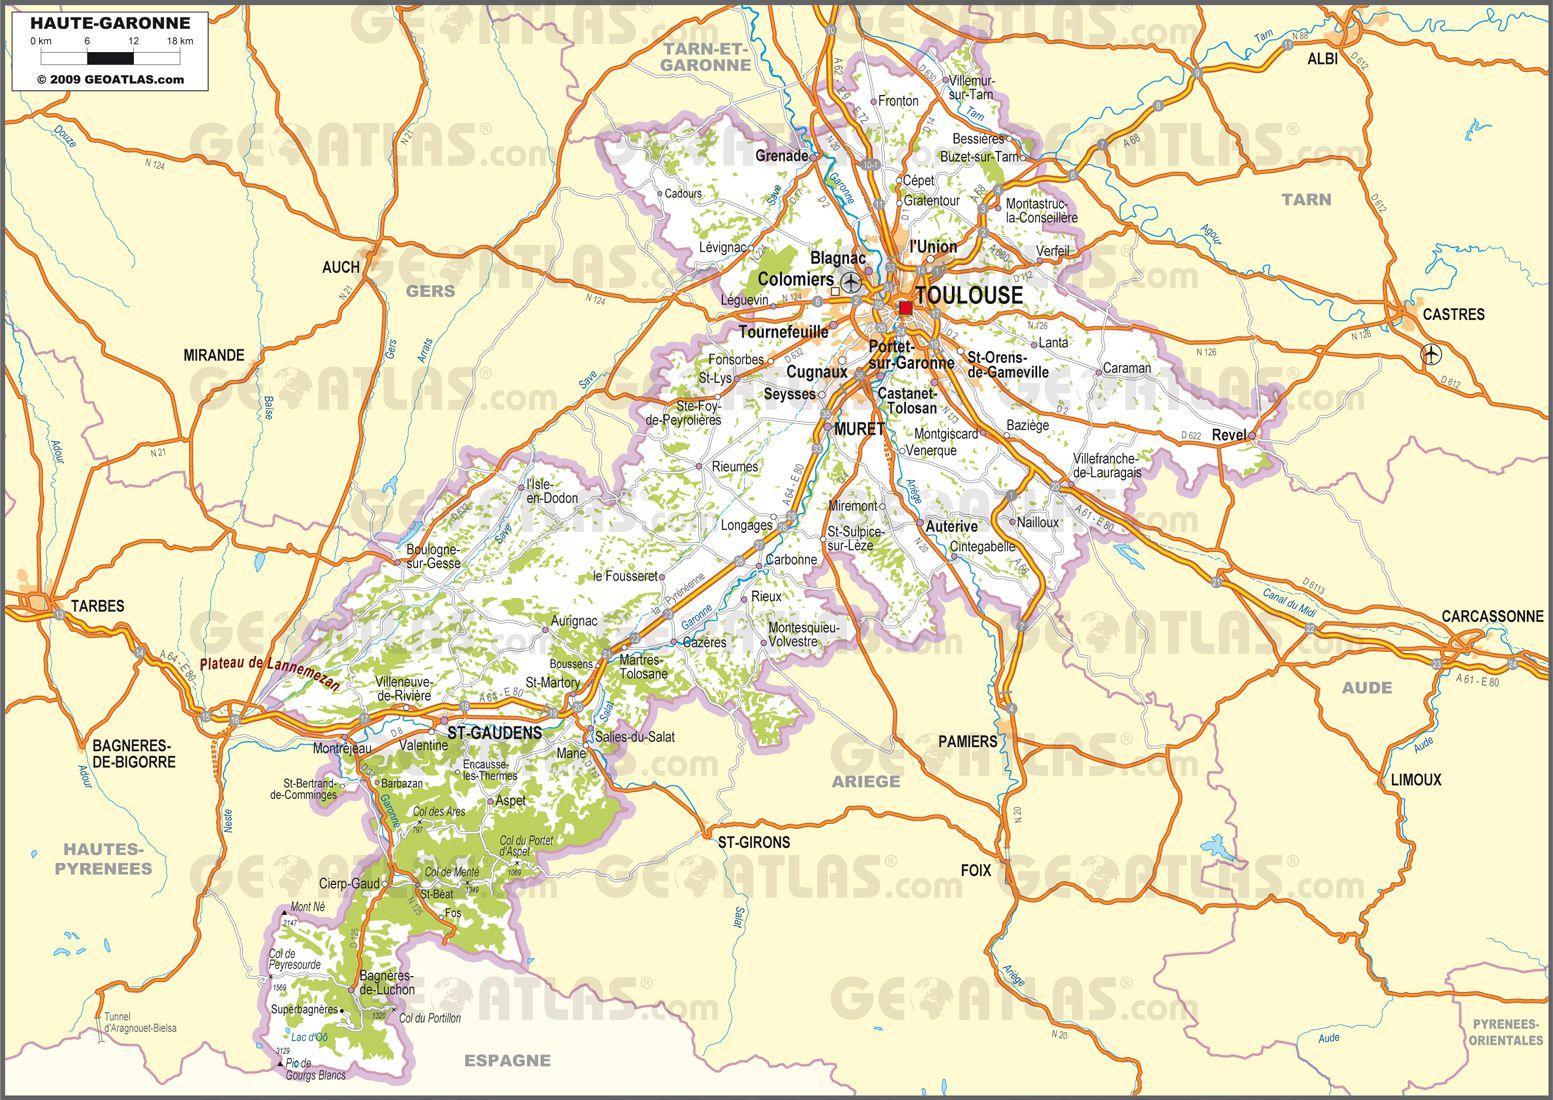 Carte routière de la Haute-Garonne